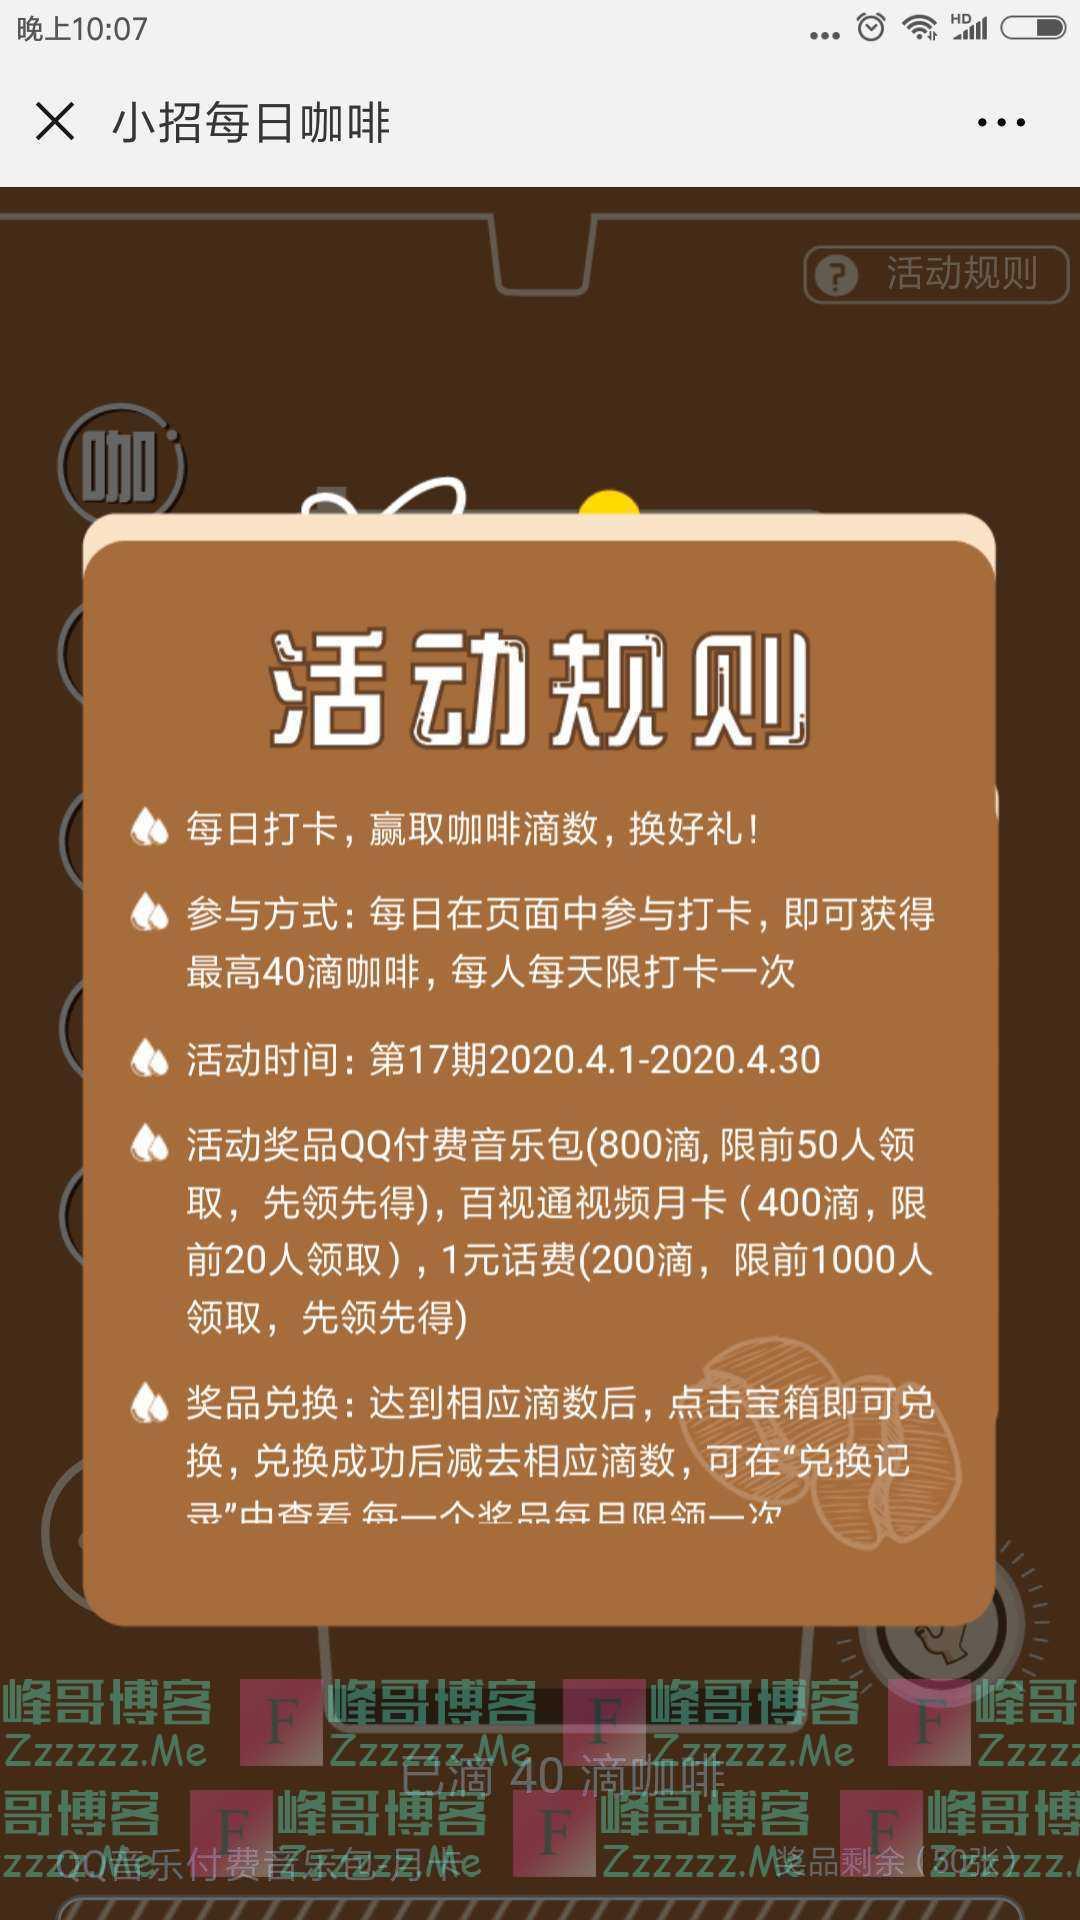 招行xing/用卡小招每日咖啡第17期(截止4月30日)